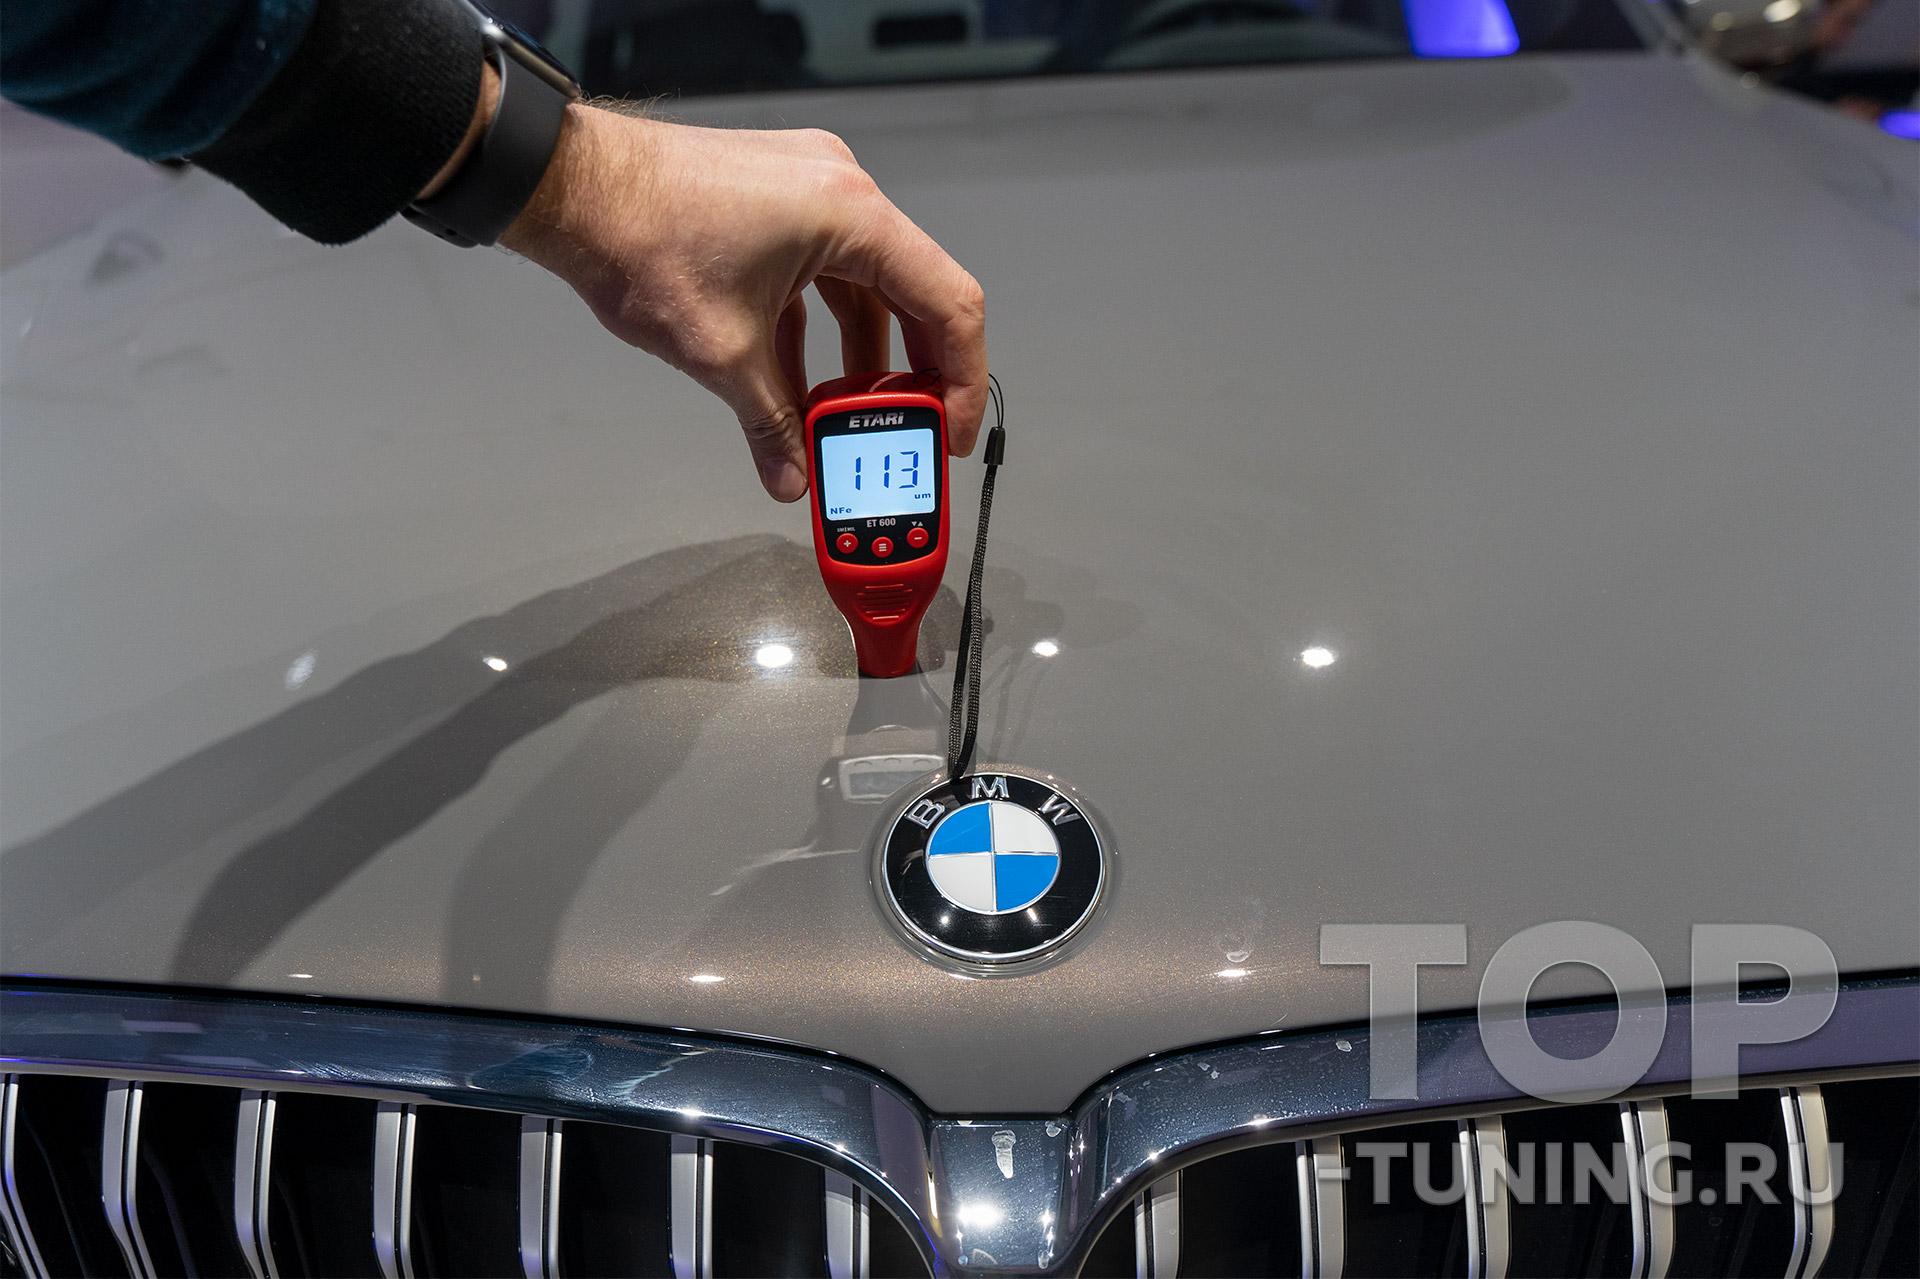 Толщина краски на капоте новой BMW 6 GT. Замер прибором. Перед началом работ